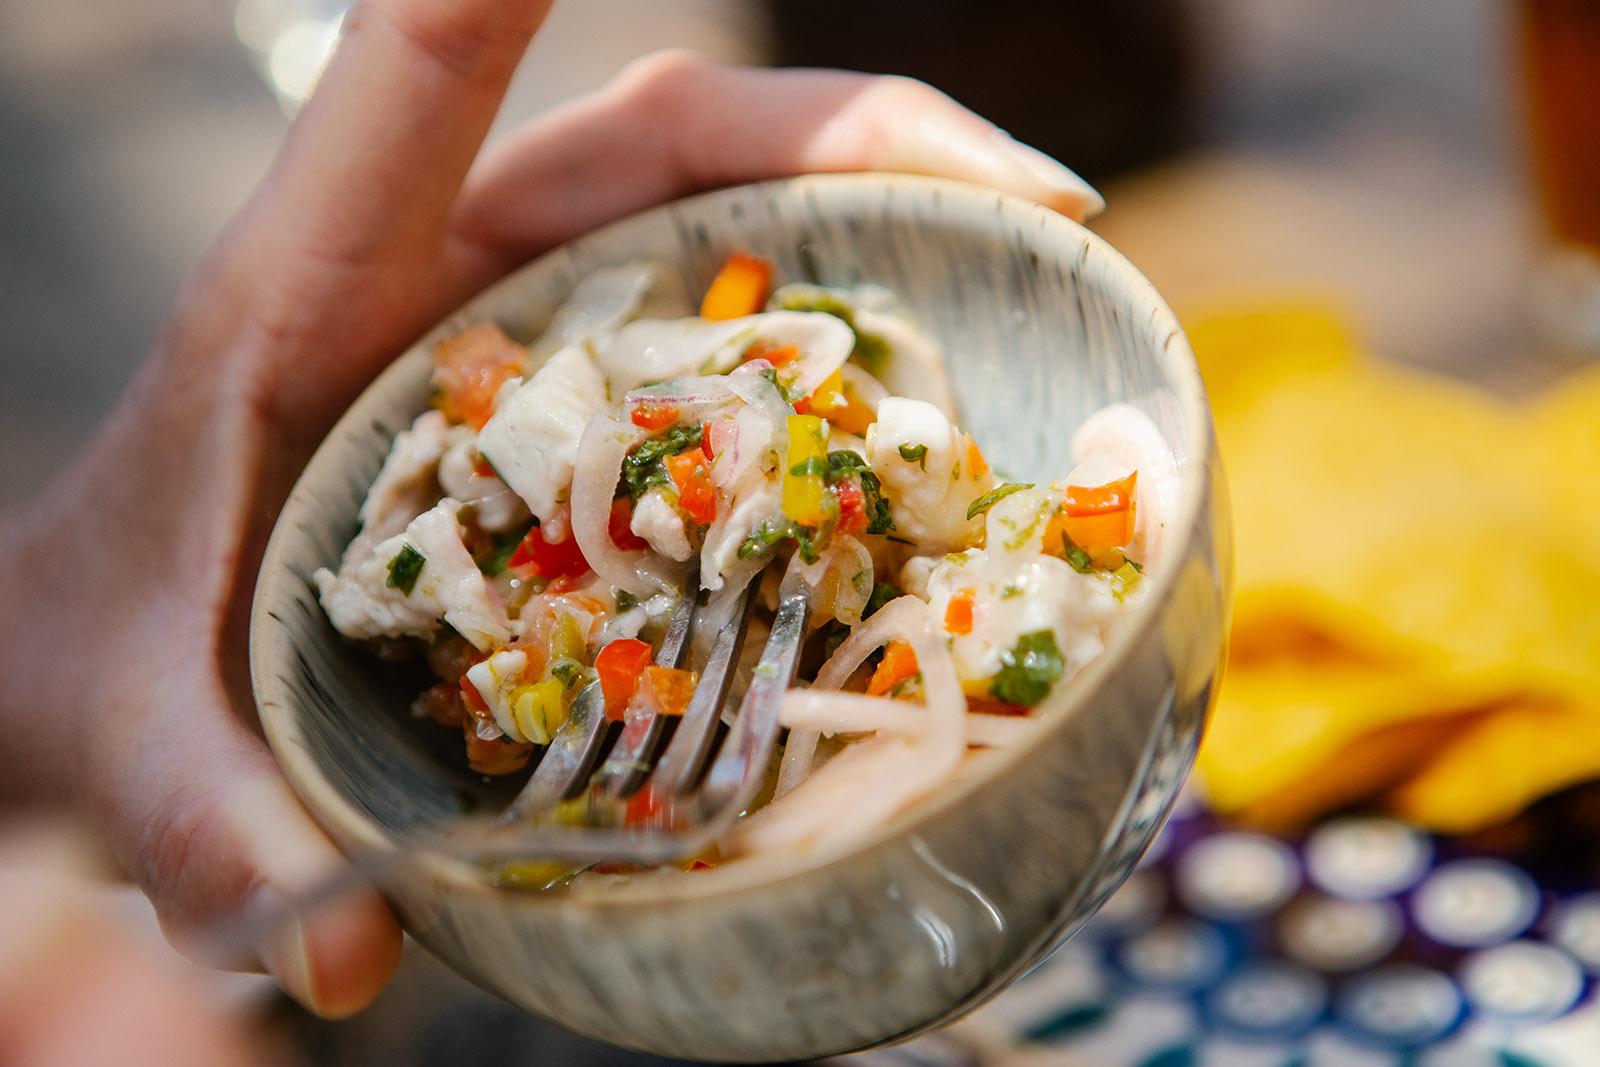 ceviche in a small stone bowl